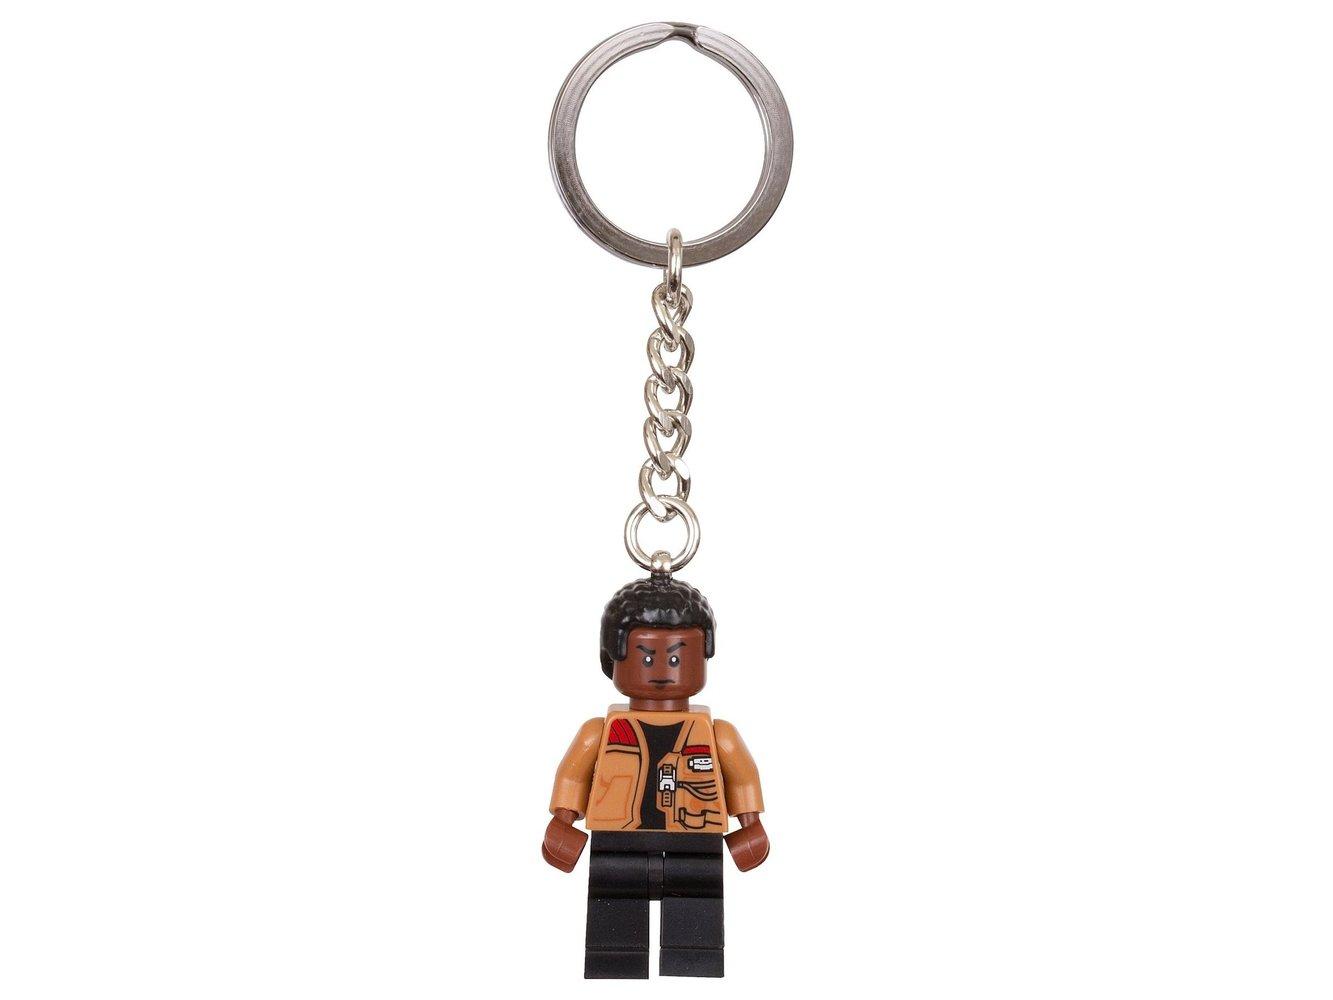 Finn Key Chain